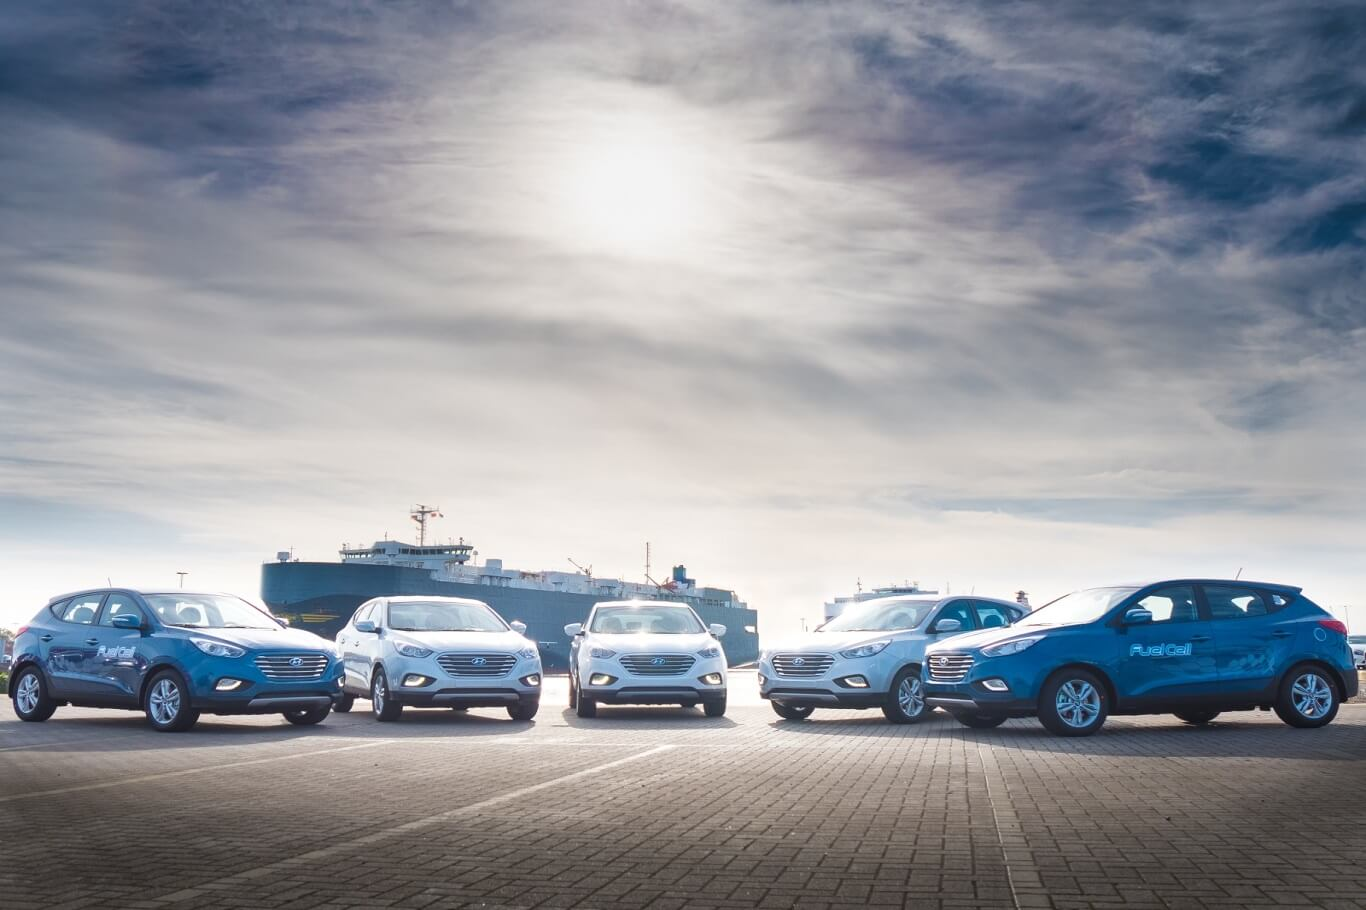 fleet cars